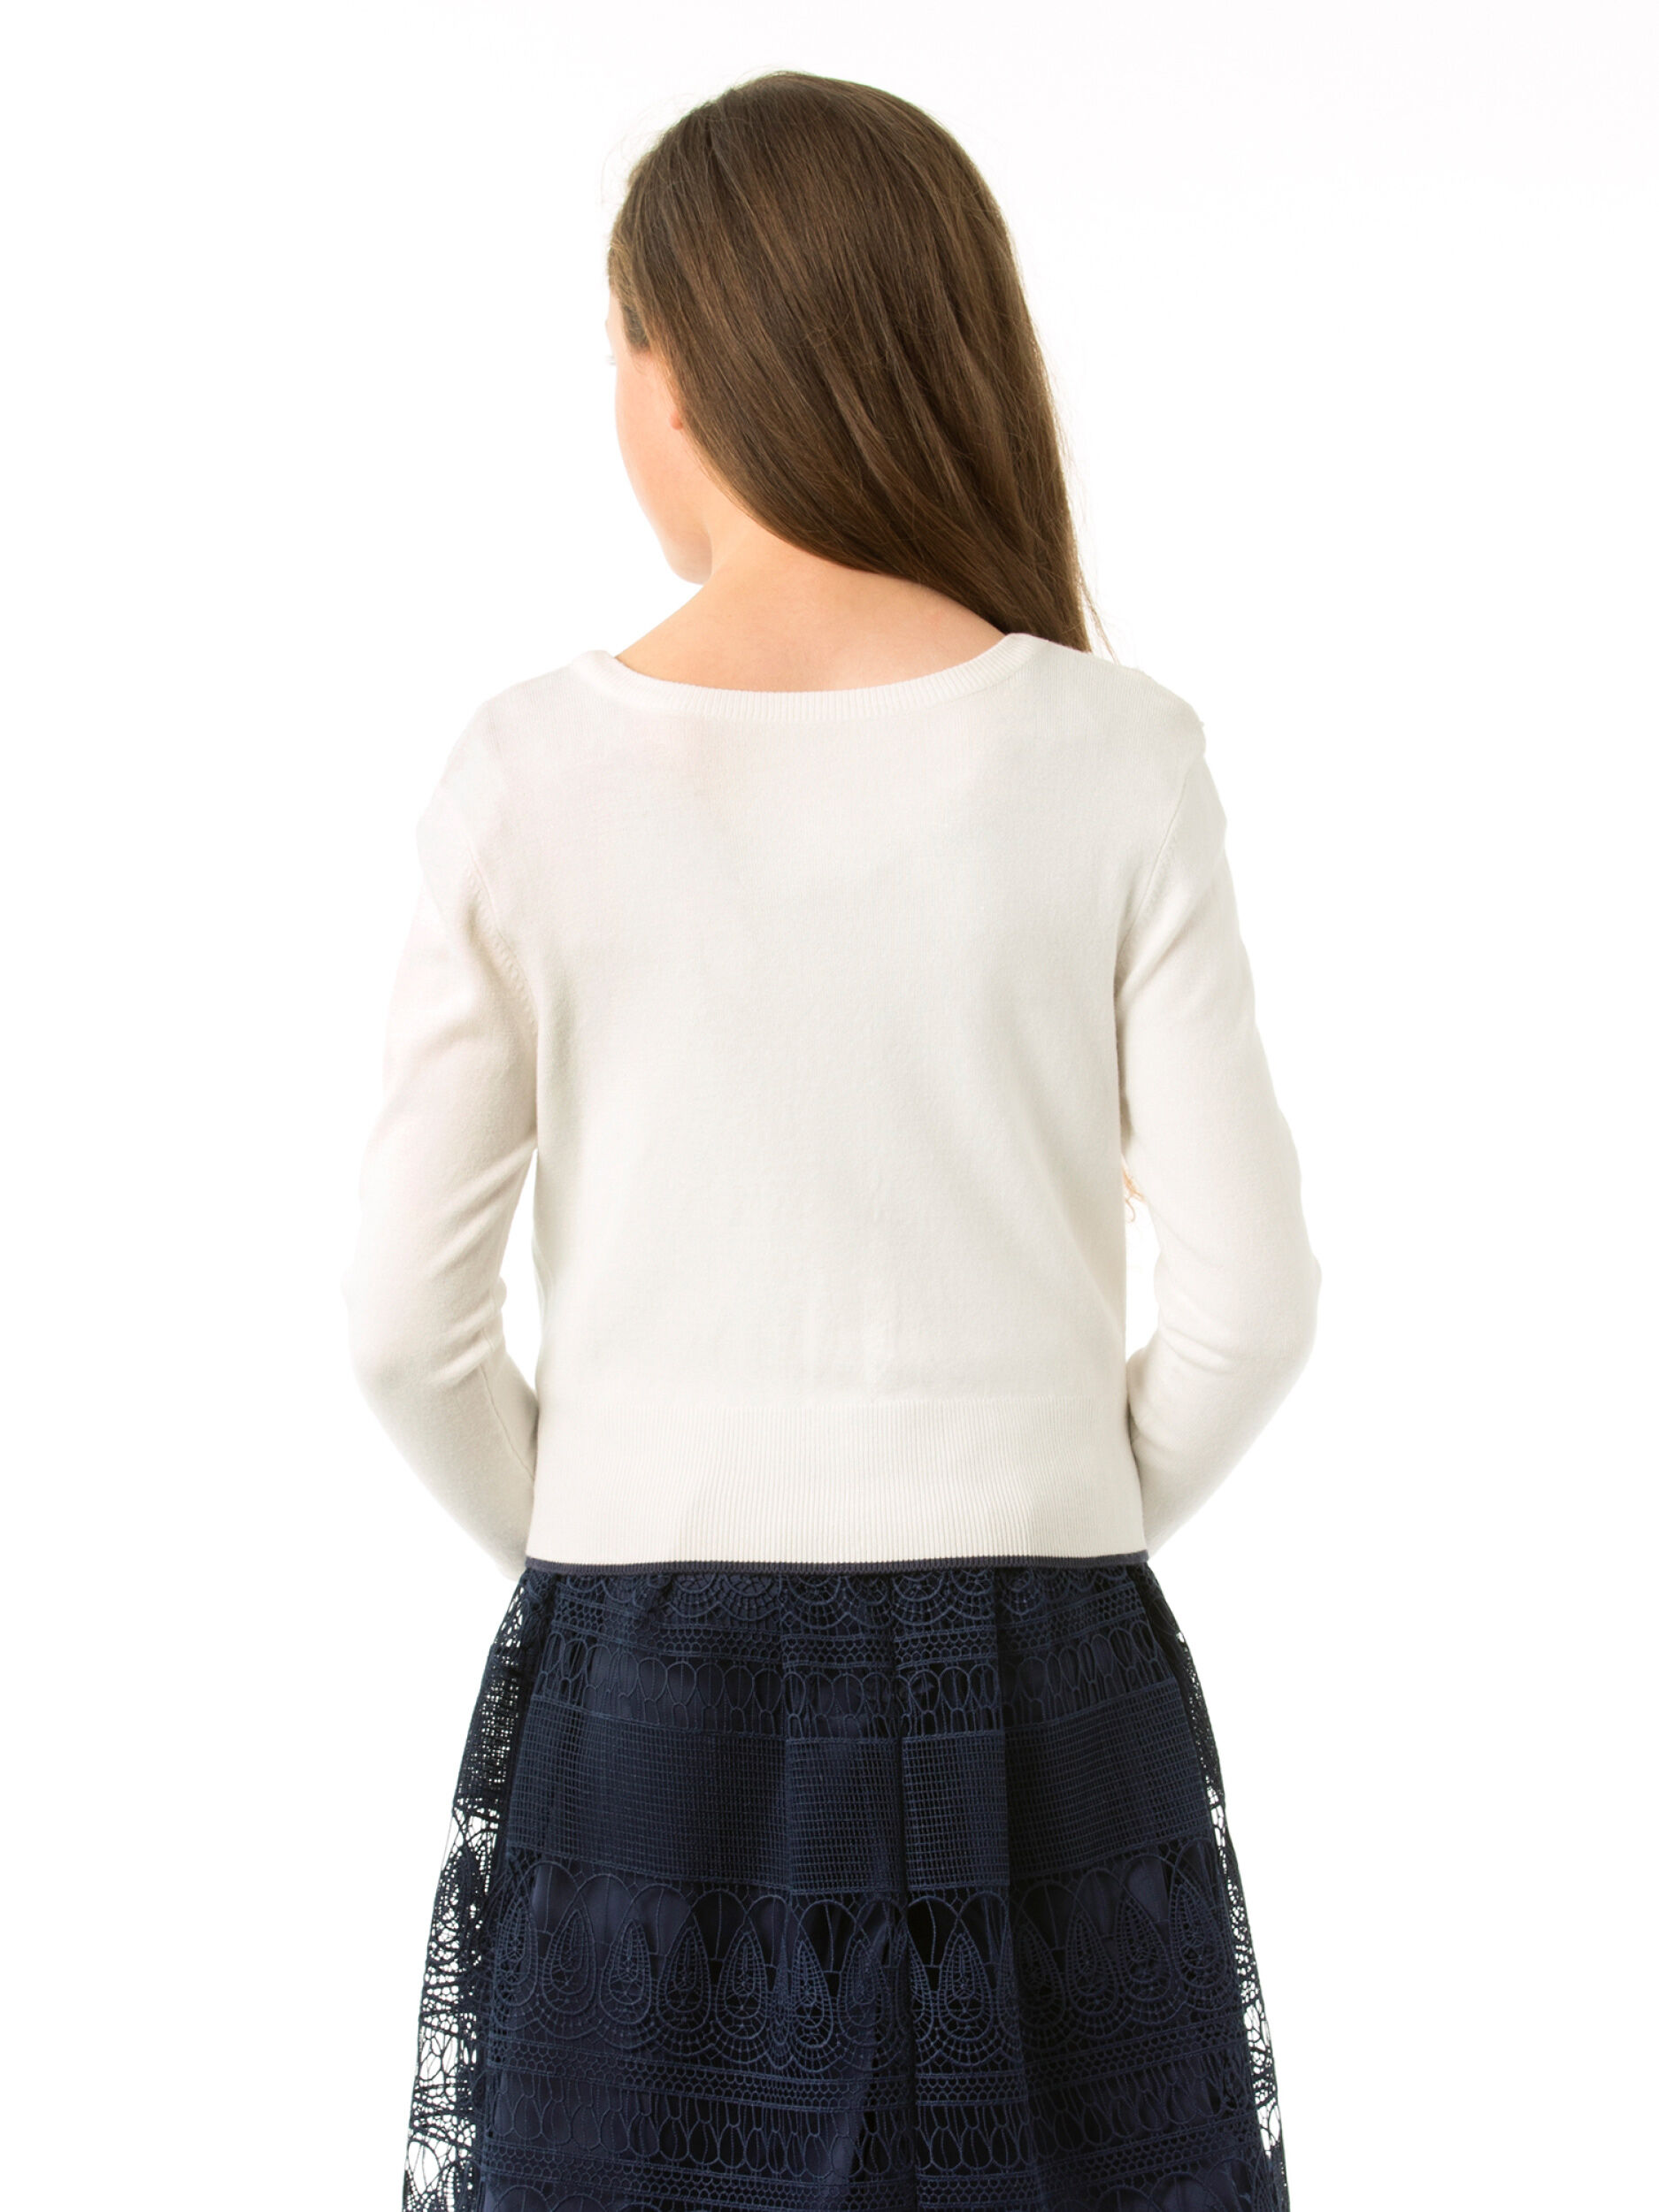 8-14 Girls Fully Fashioned Cardigan